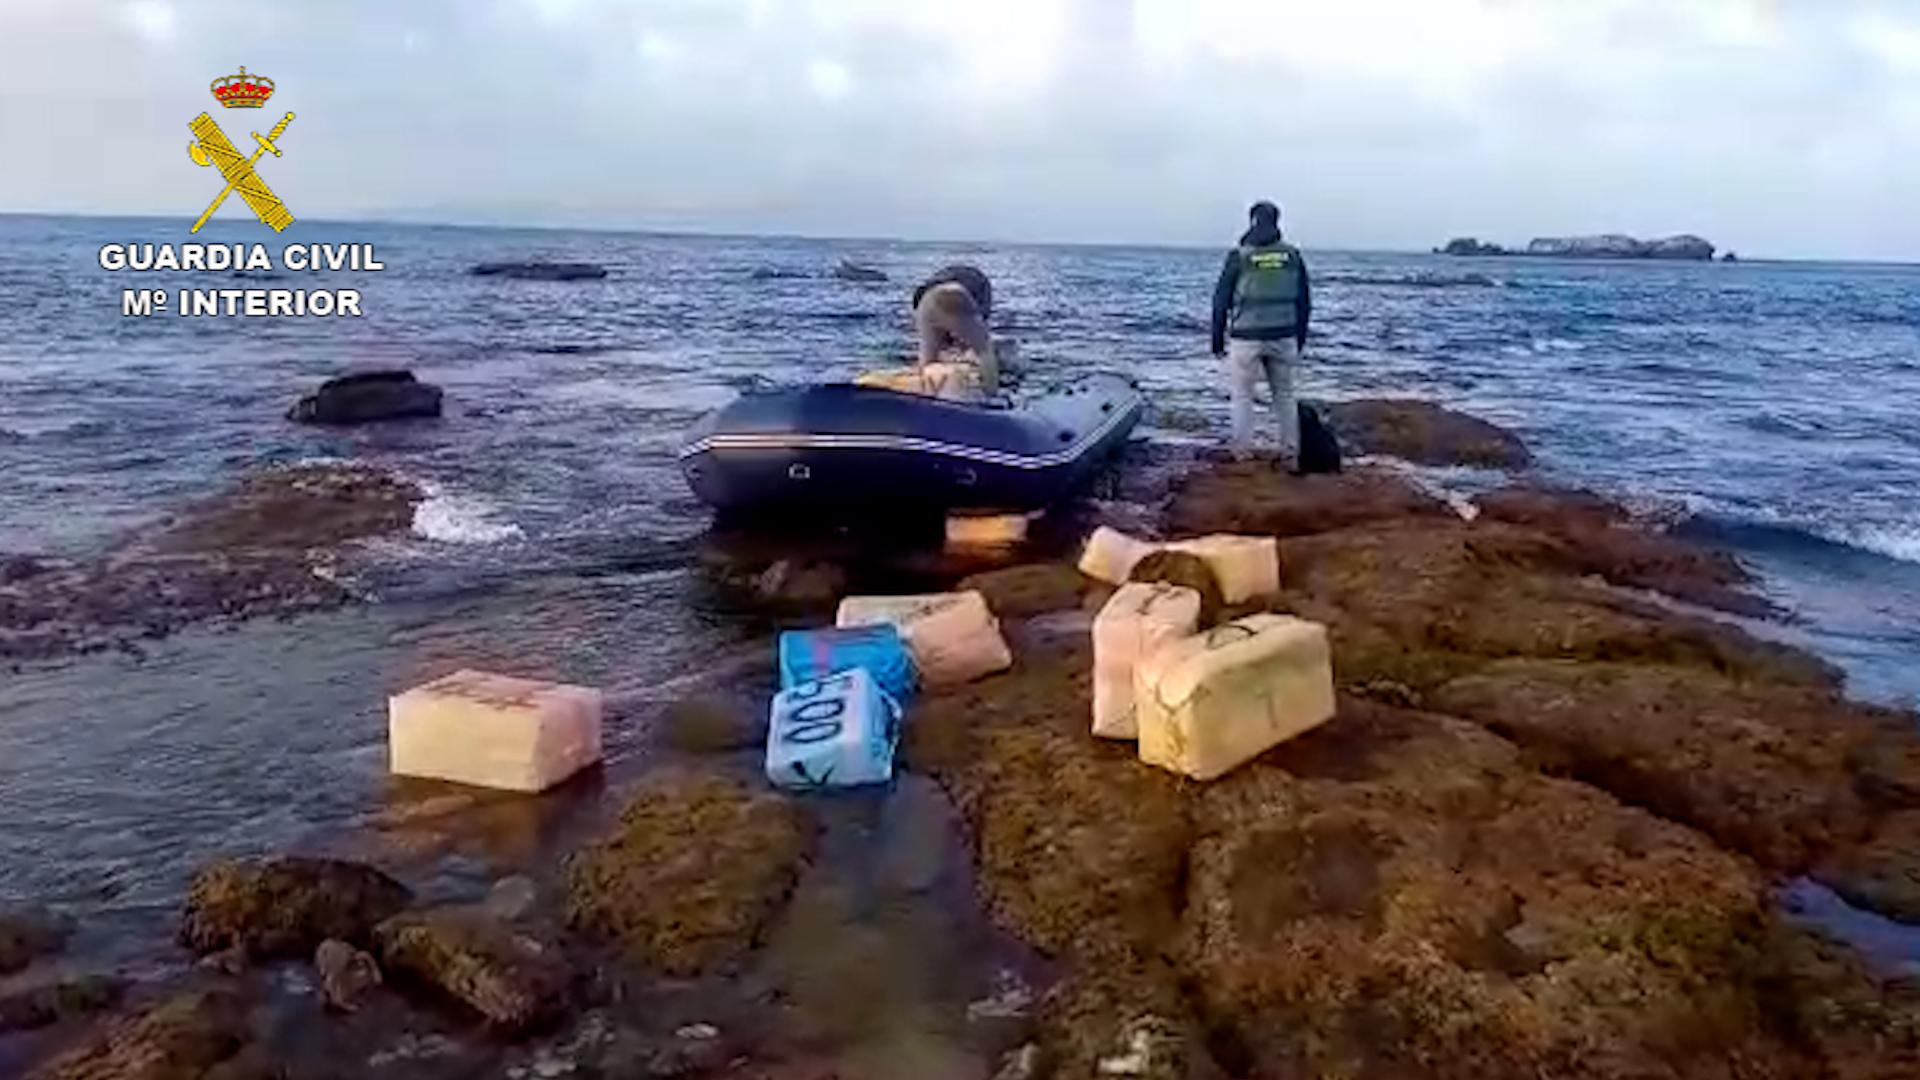 La Guardia Civil de Algeciras ha logrado interceptar dos embarcaciones deteniendo a sus tripulantes e incautando cerca de 3.900 kilos de hachís y 50 petacas con 1.200 litros de gasolina